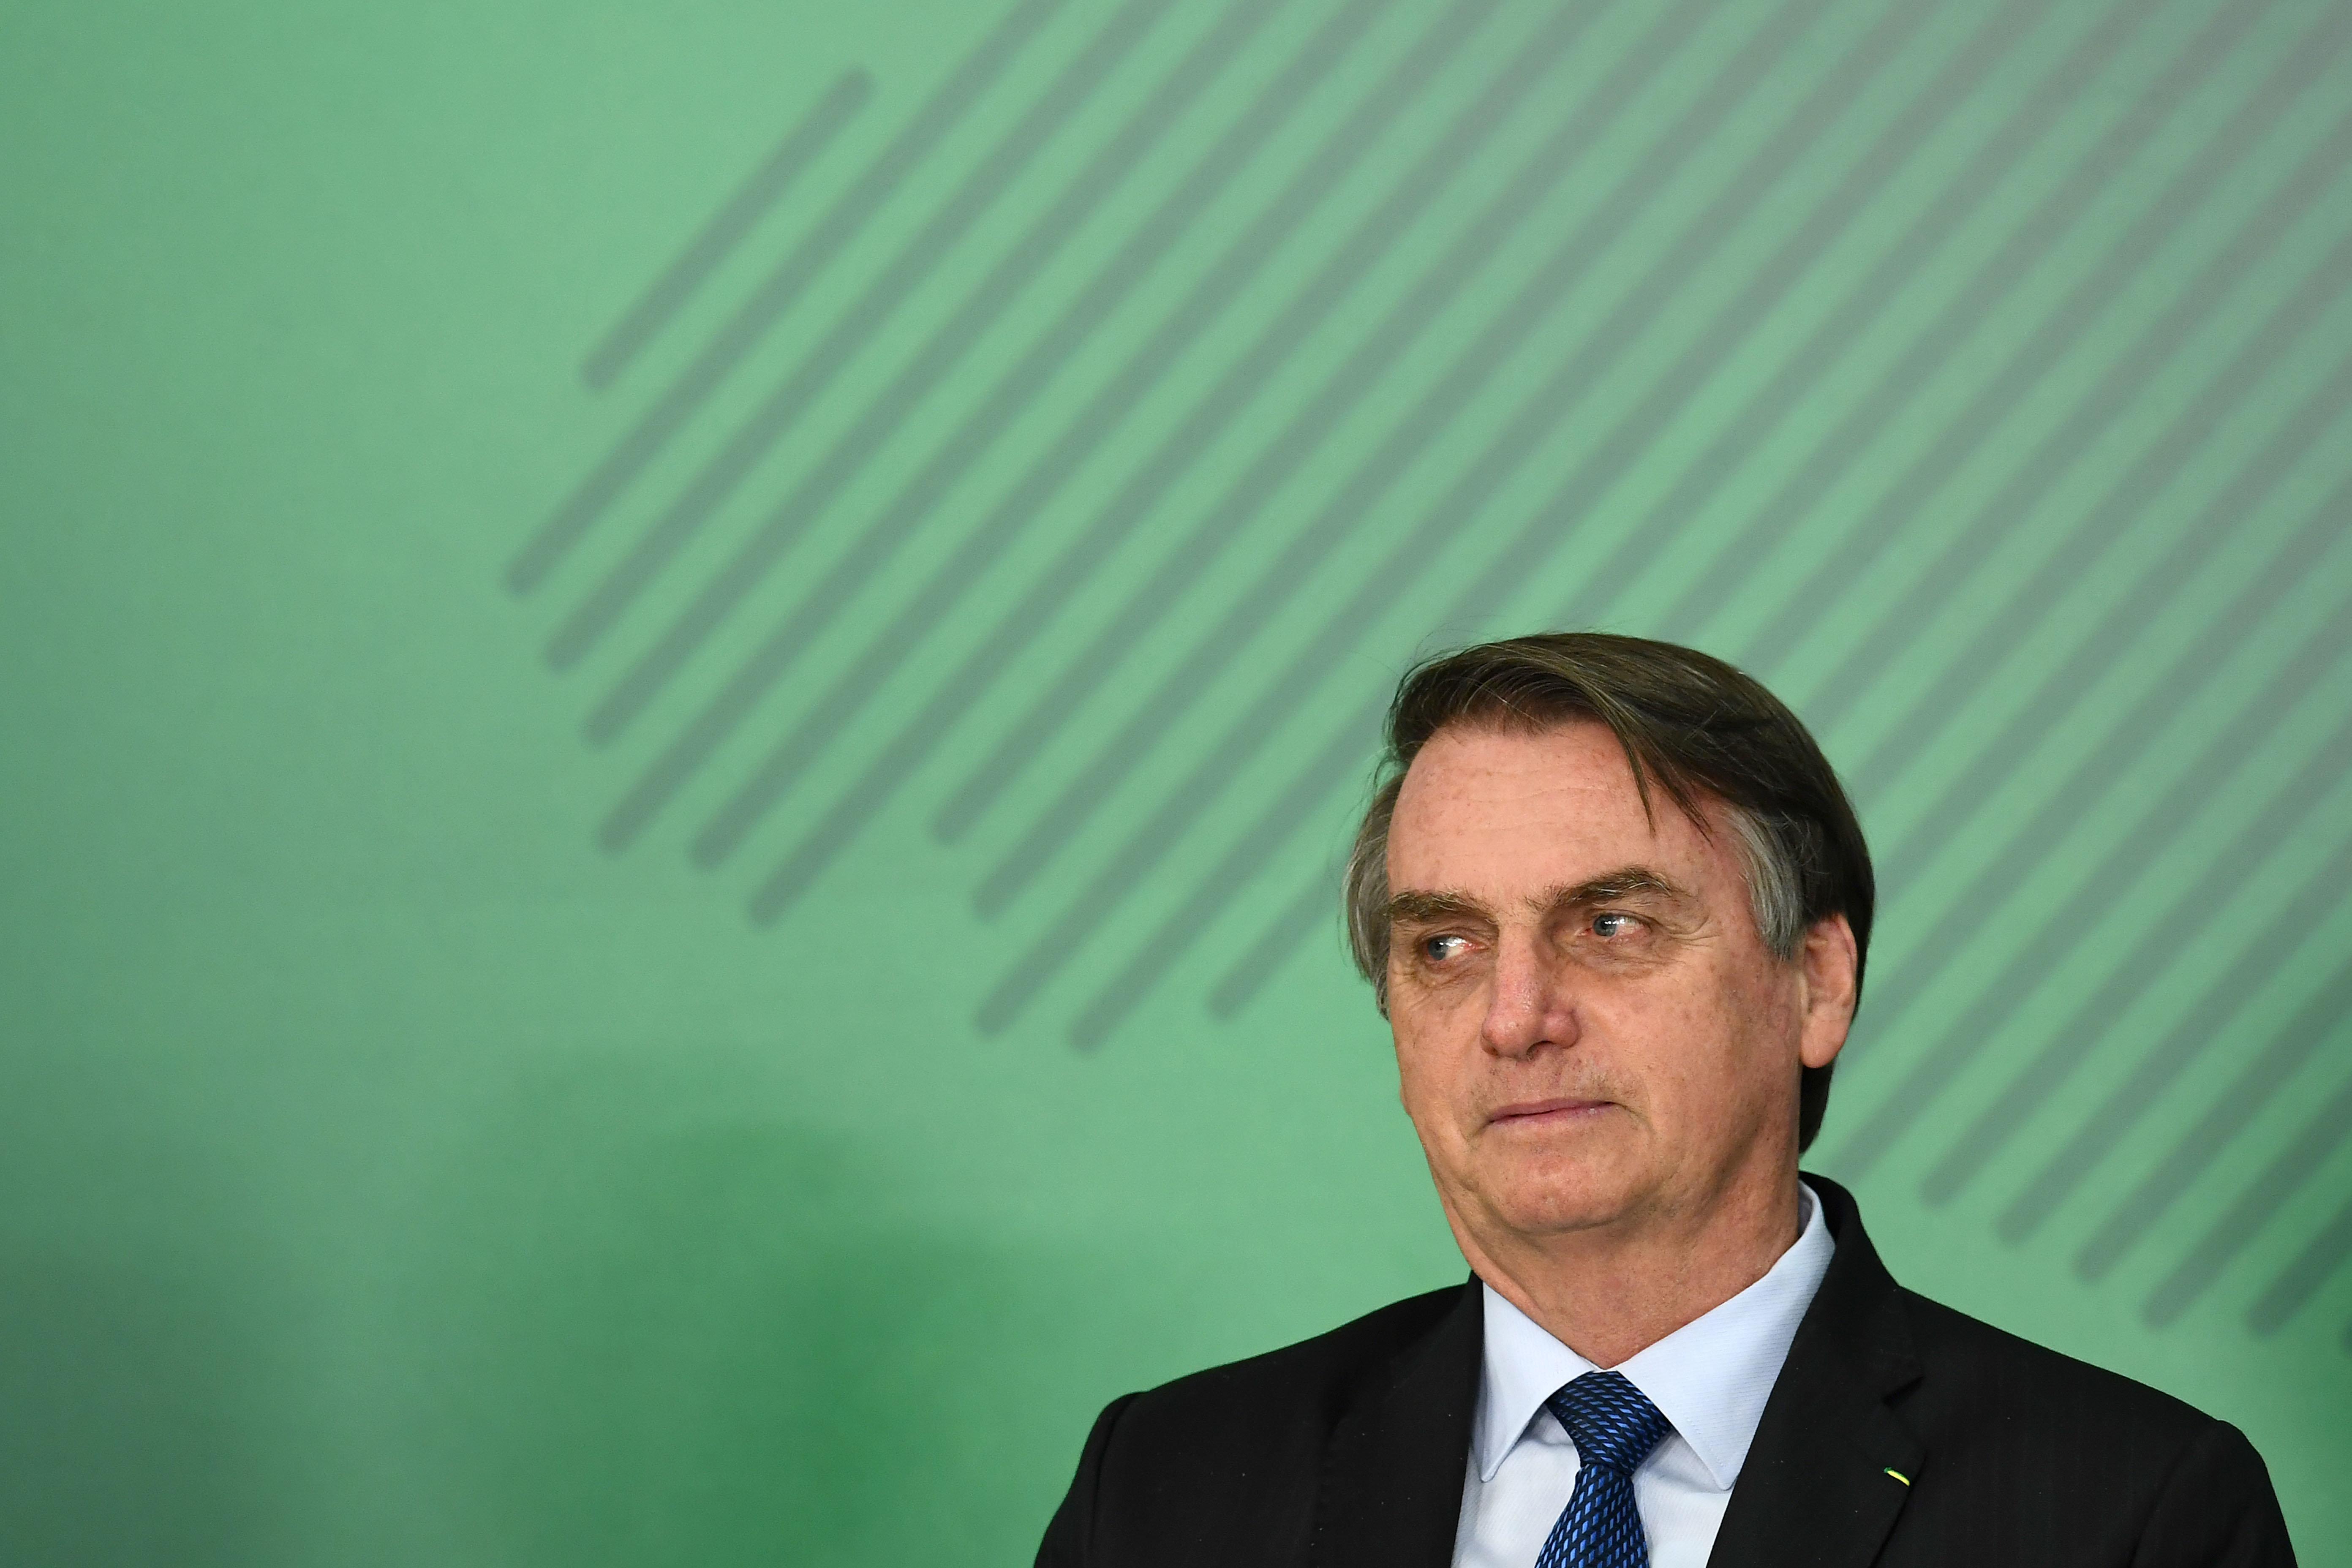 Agenda de Bolsonaro mostra preferência por conversas com próprio partido e